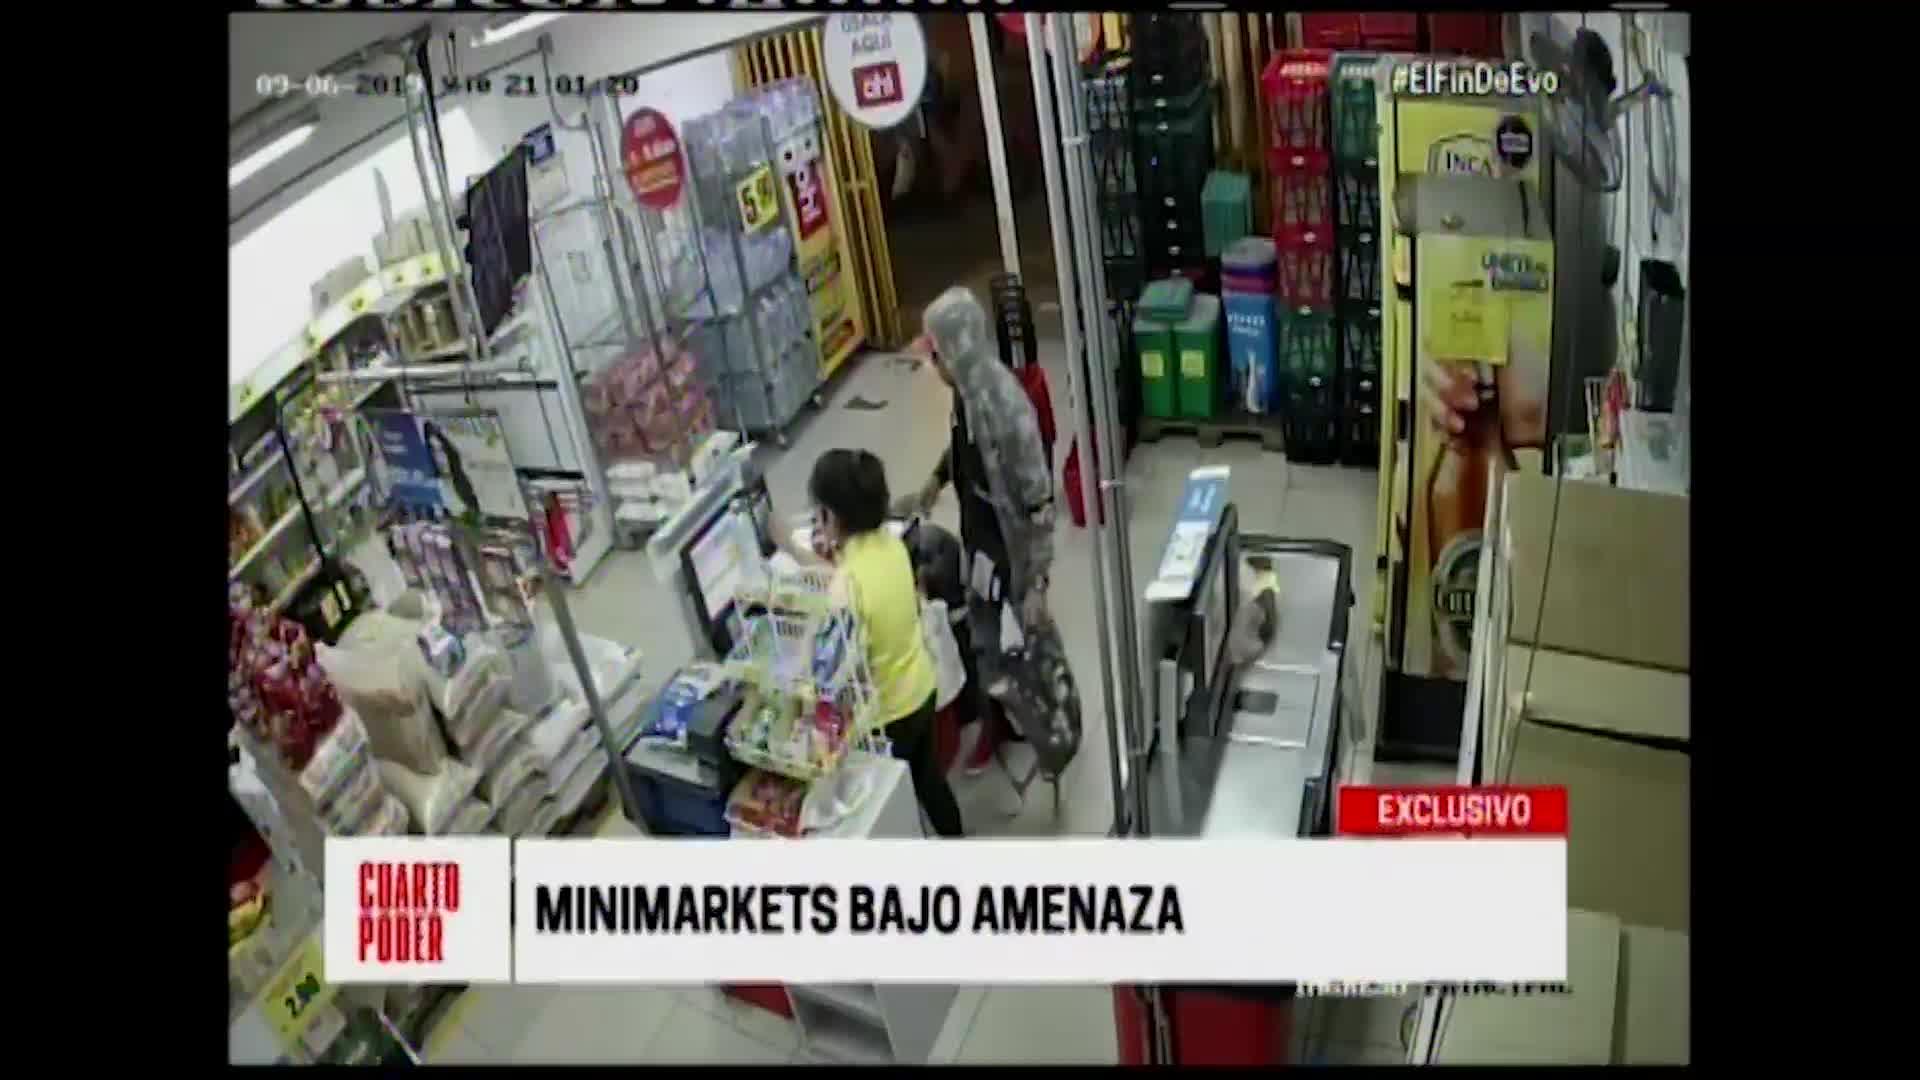 Minimarkets en la mira de los delincuentes